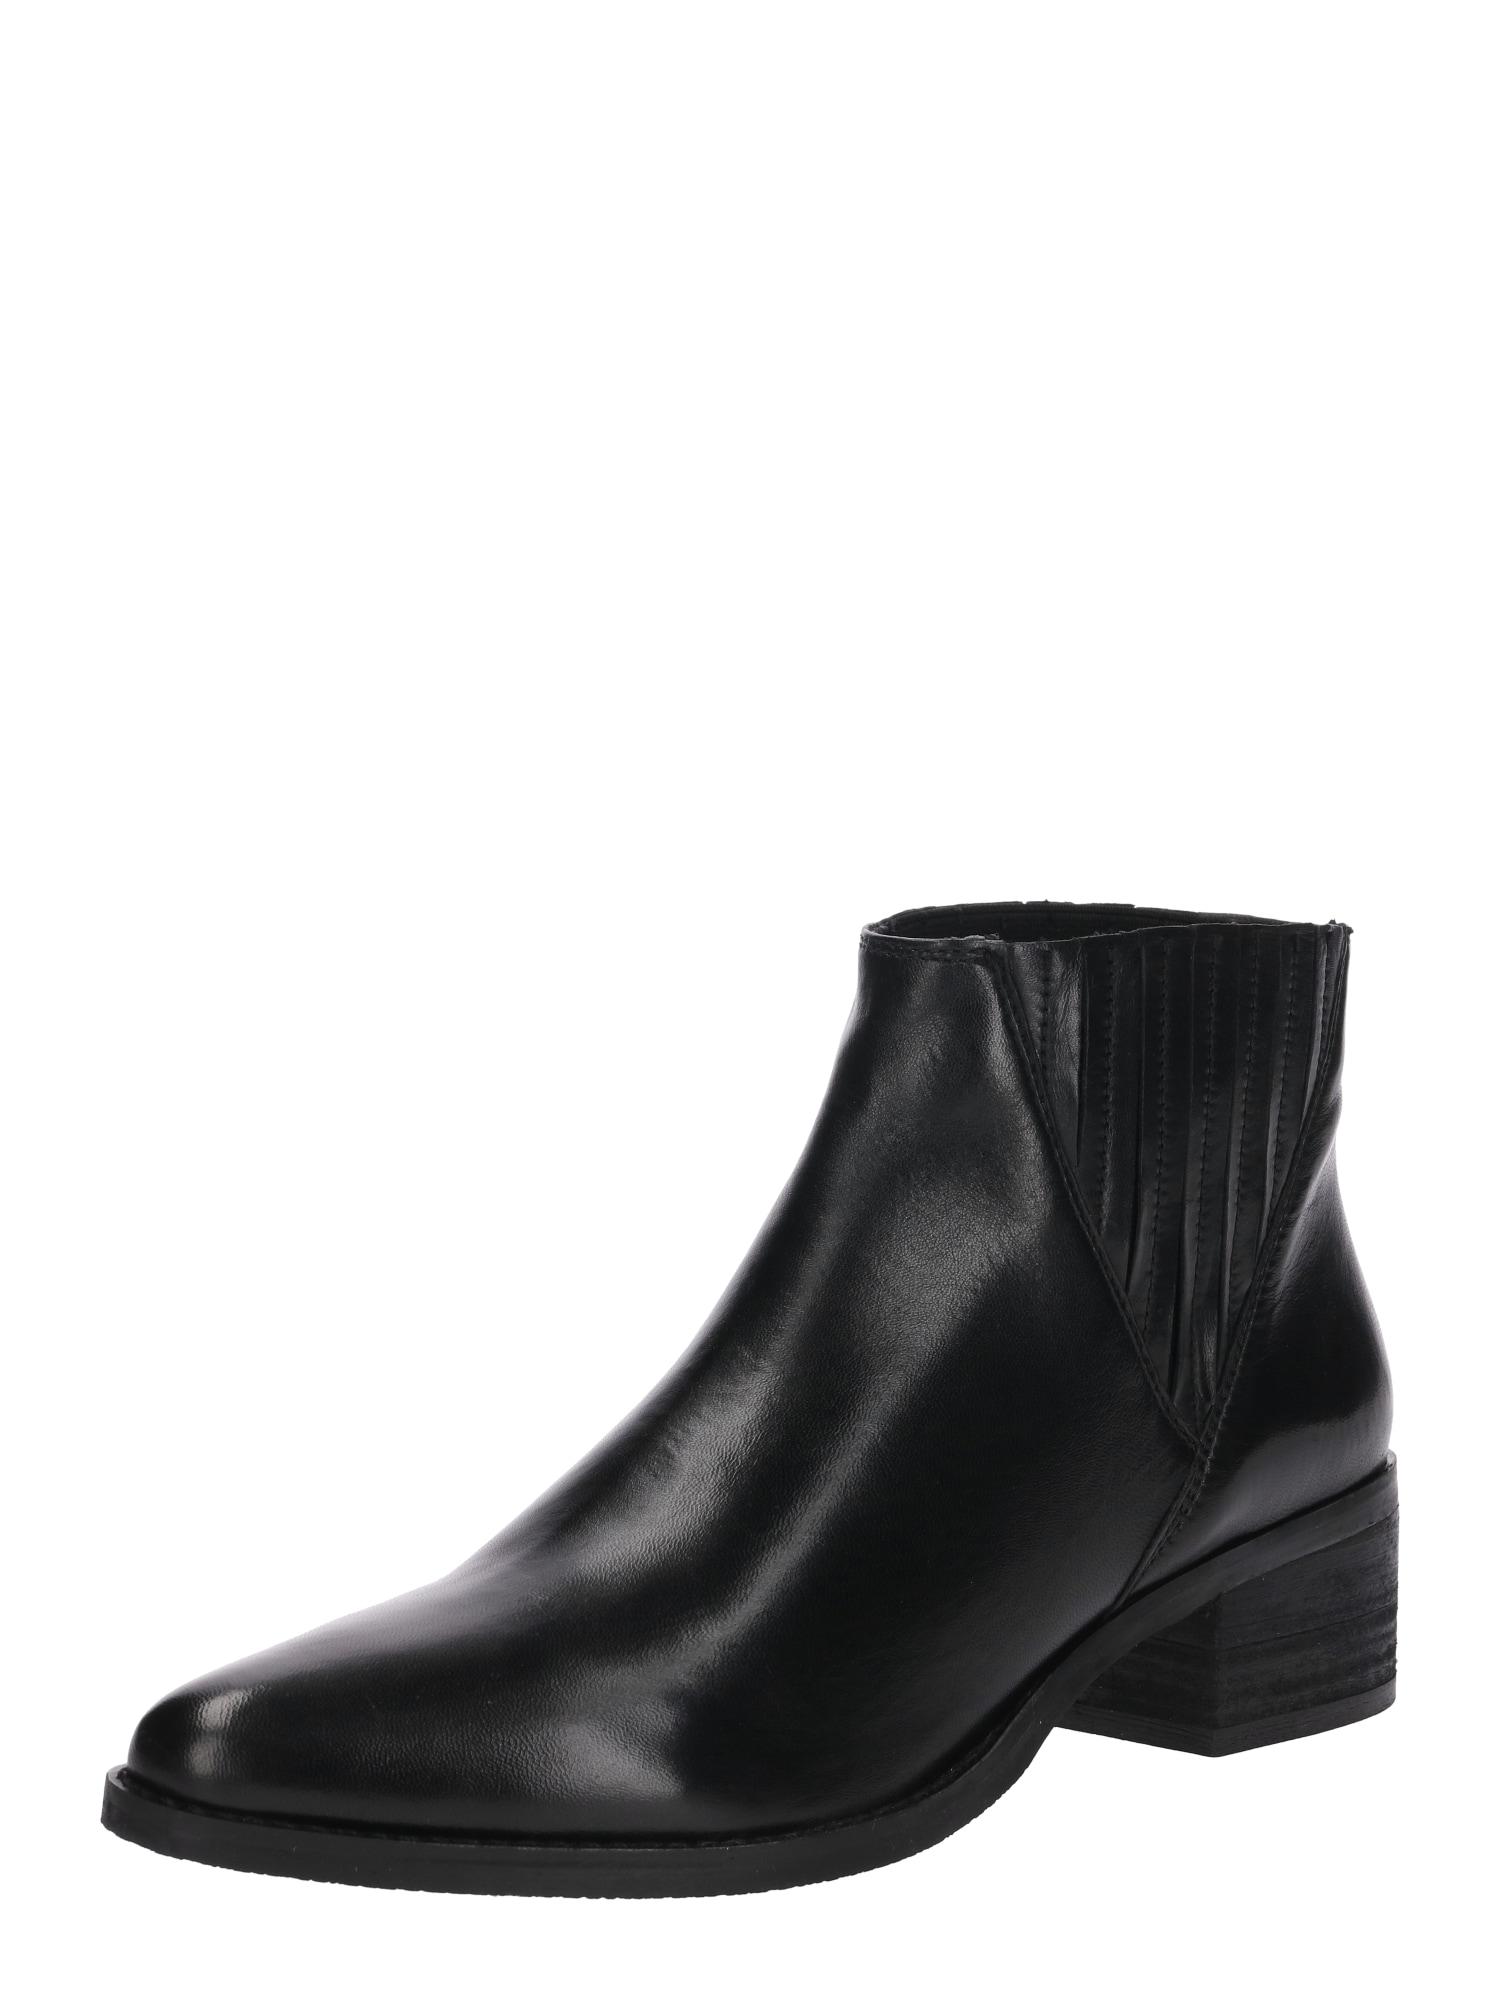 Kotníkové boty ALWAYS černá STEVE MADDEN